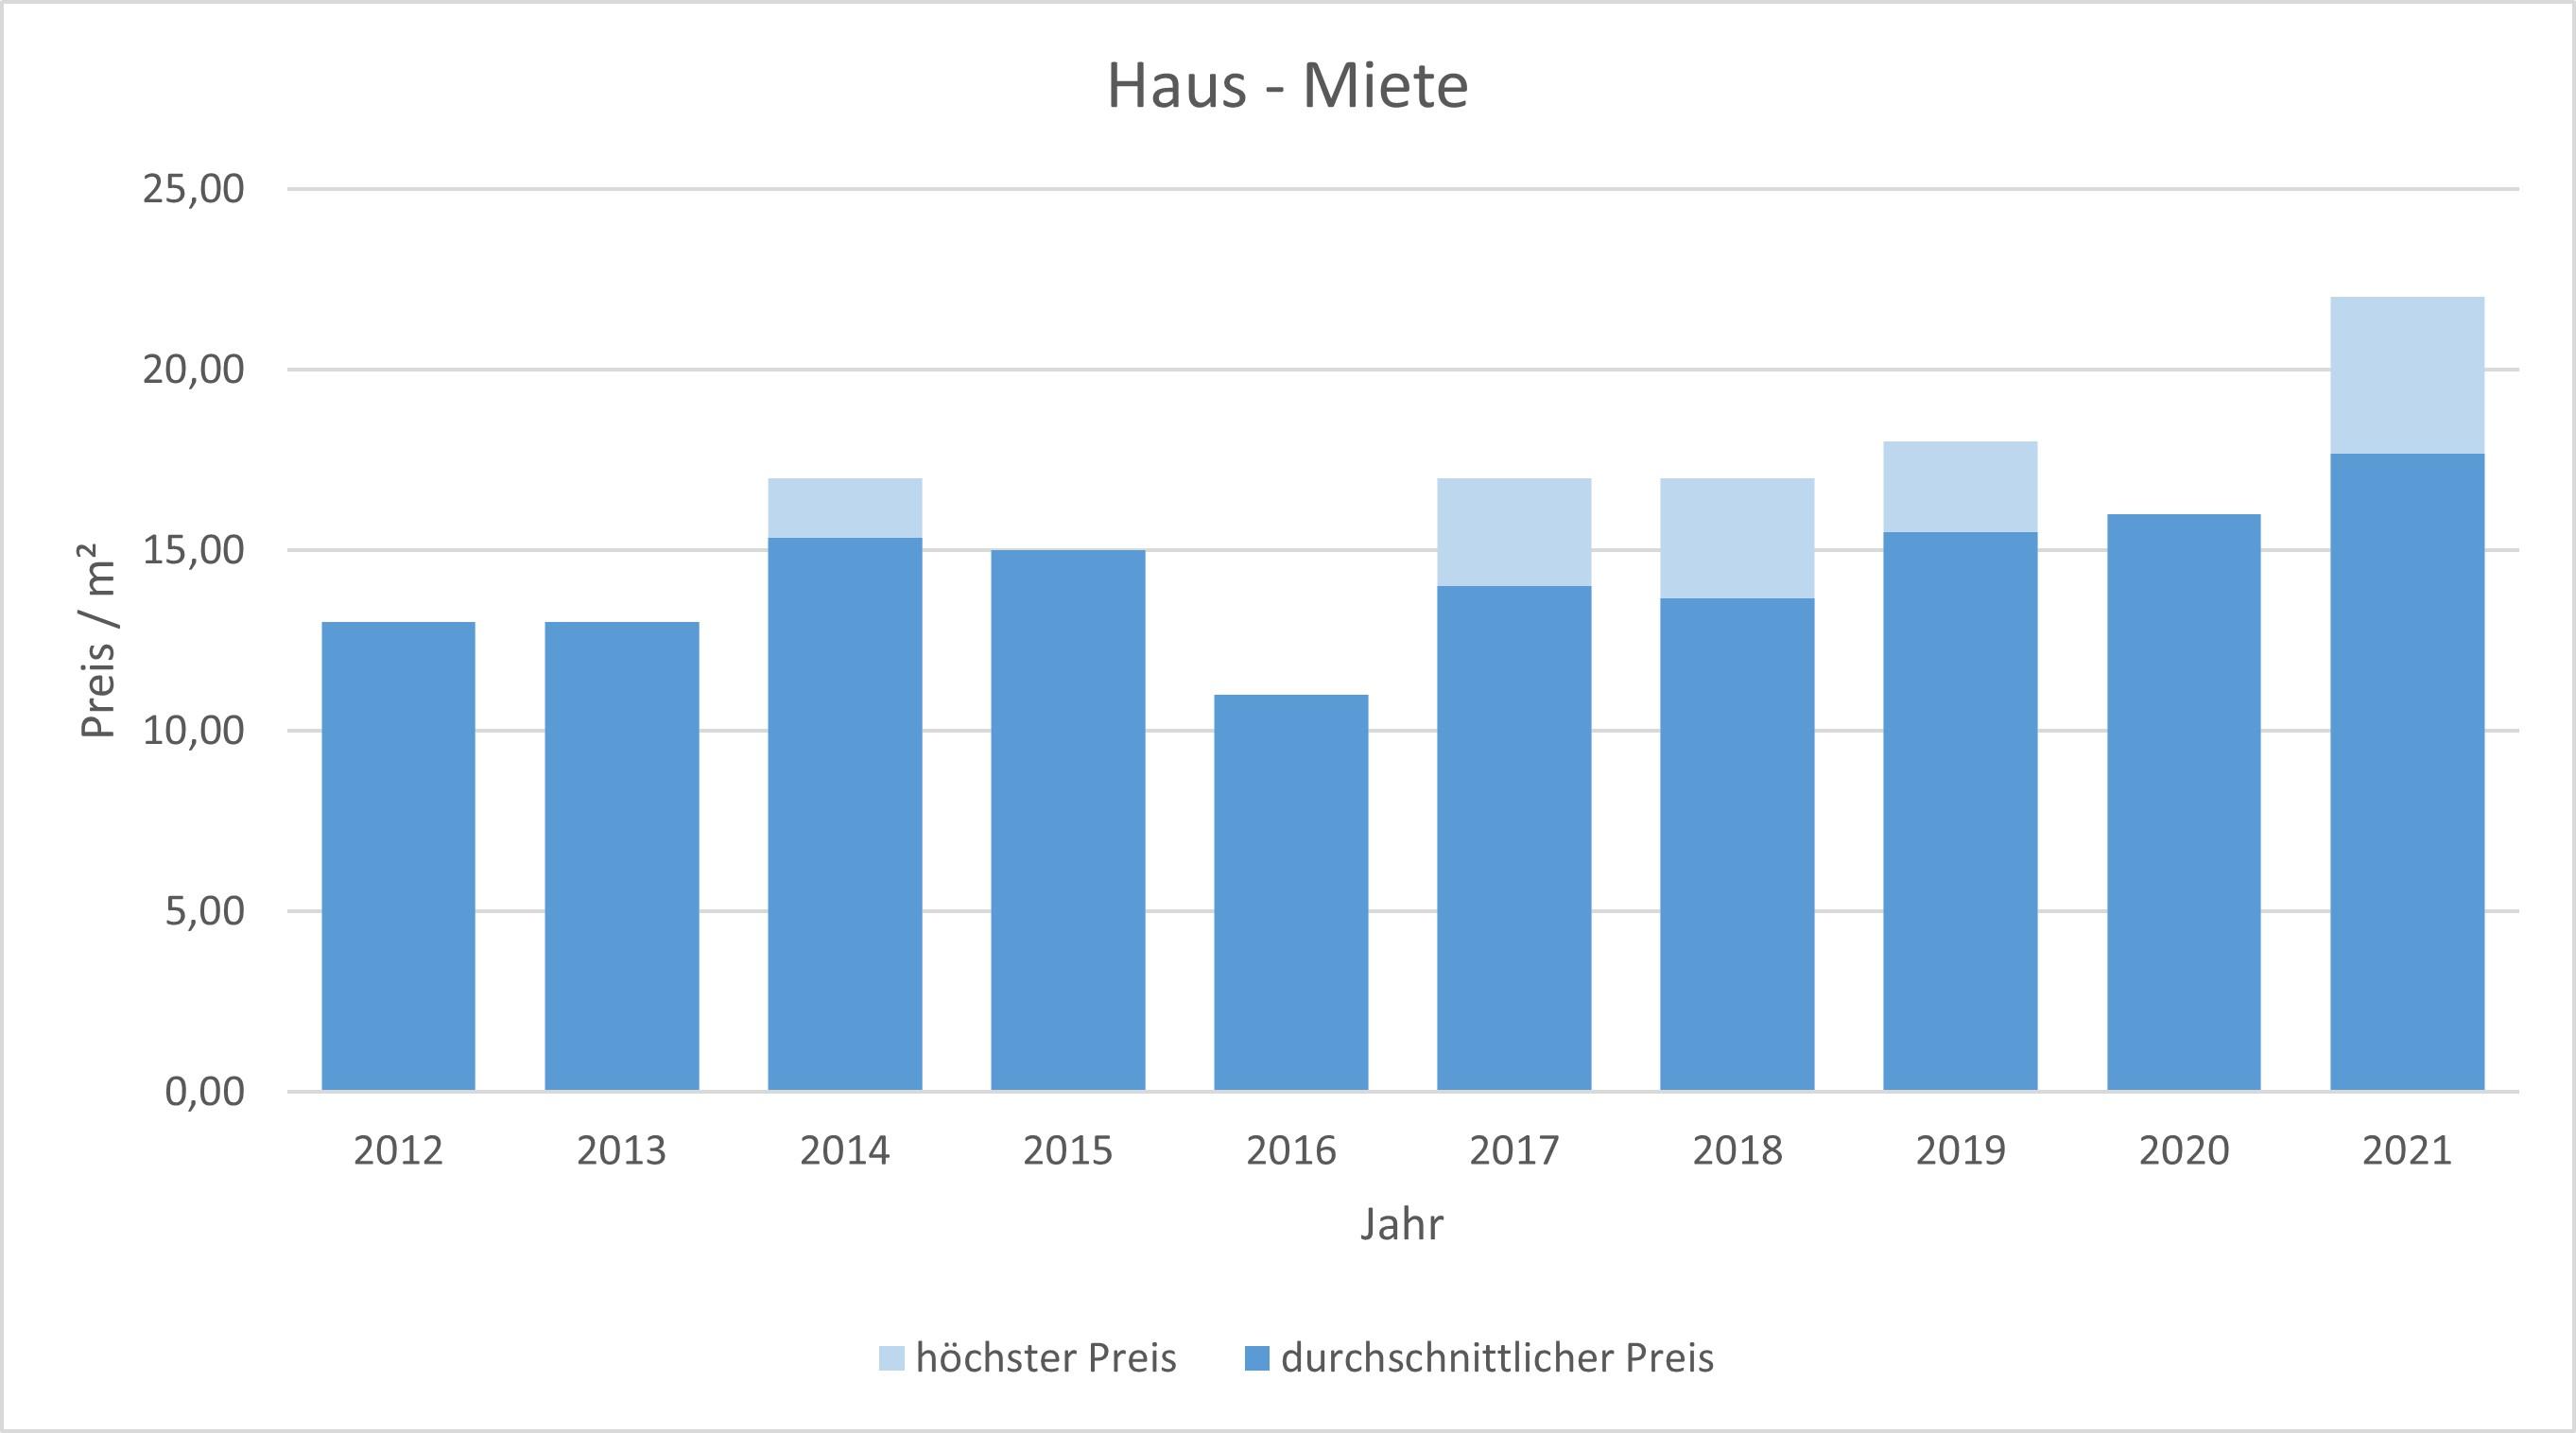 München - Waldperlach Haus mieten vermieten Preis Bewertung Makler 2019 2020 2021 www.happy-immo.de